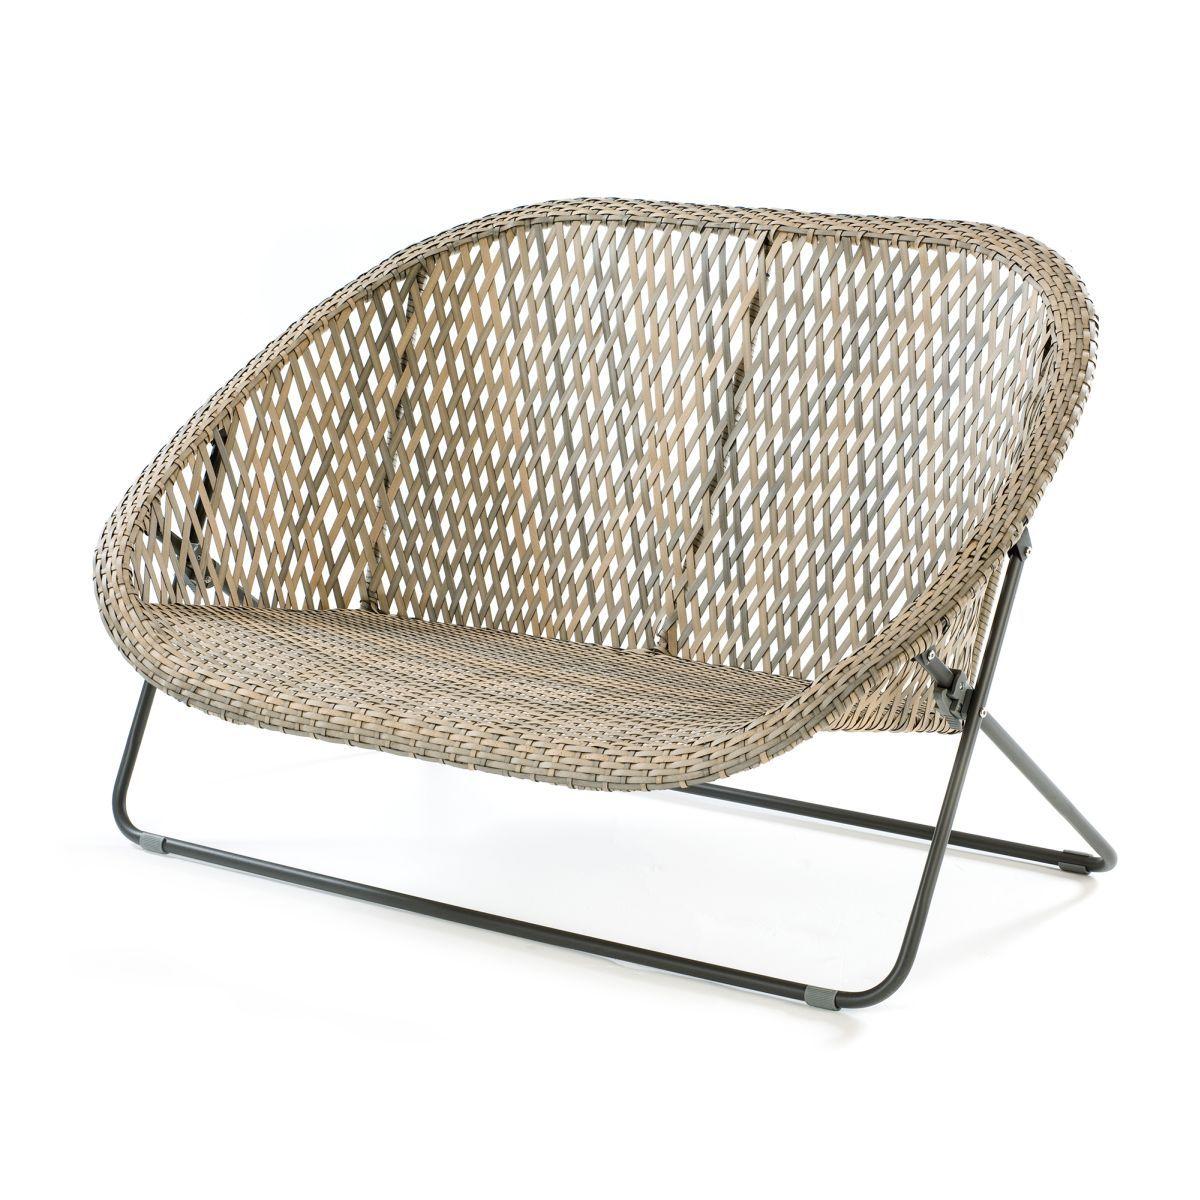 Castello 12 Seat Bench  Notcutts  Notcutts  Garden furniture